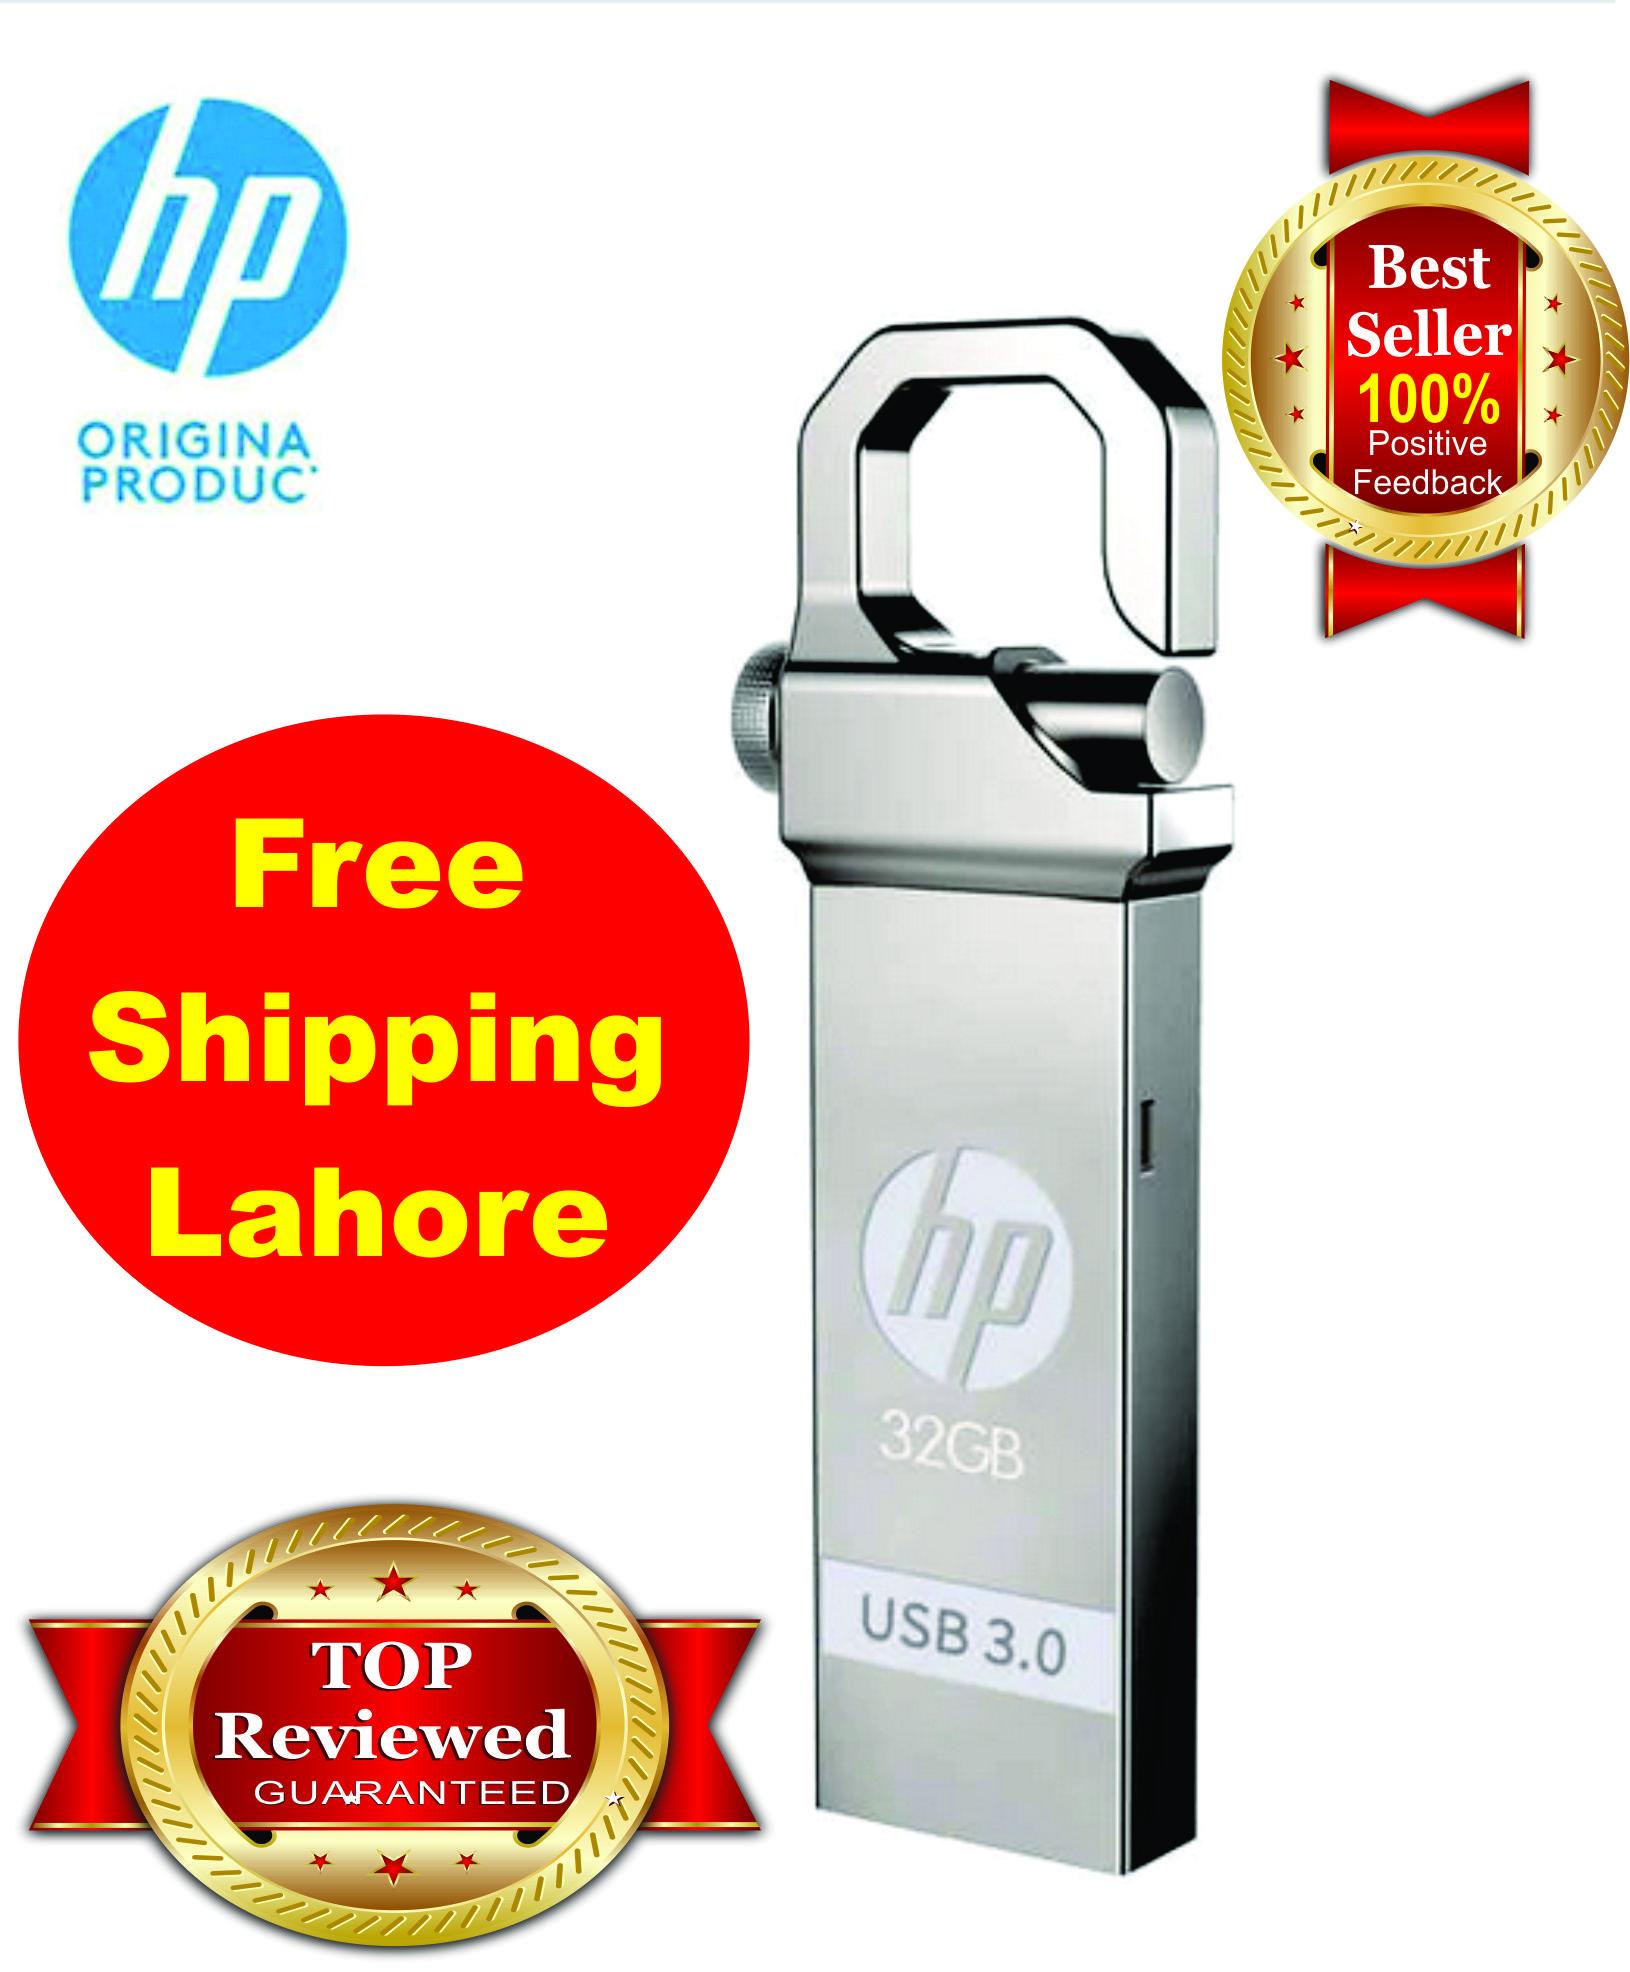 HP USB 3.0 Flash Drive 16GB, 32GB, 64GB